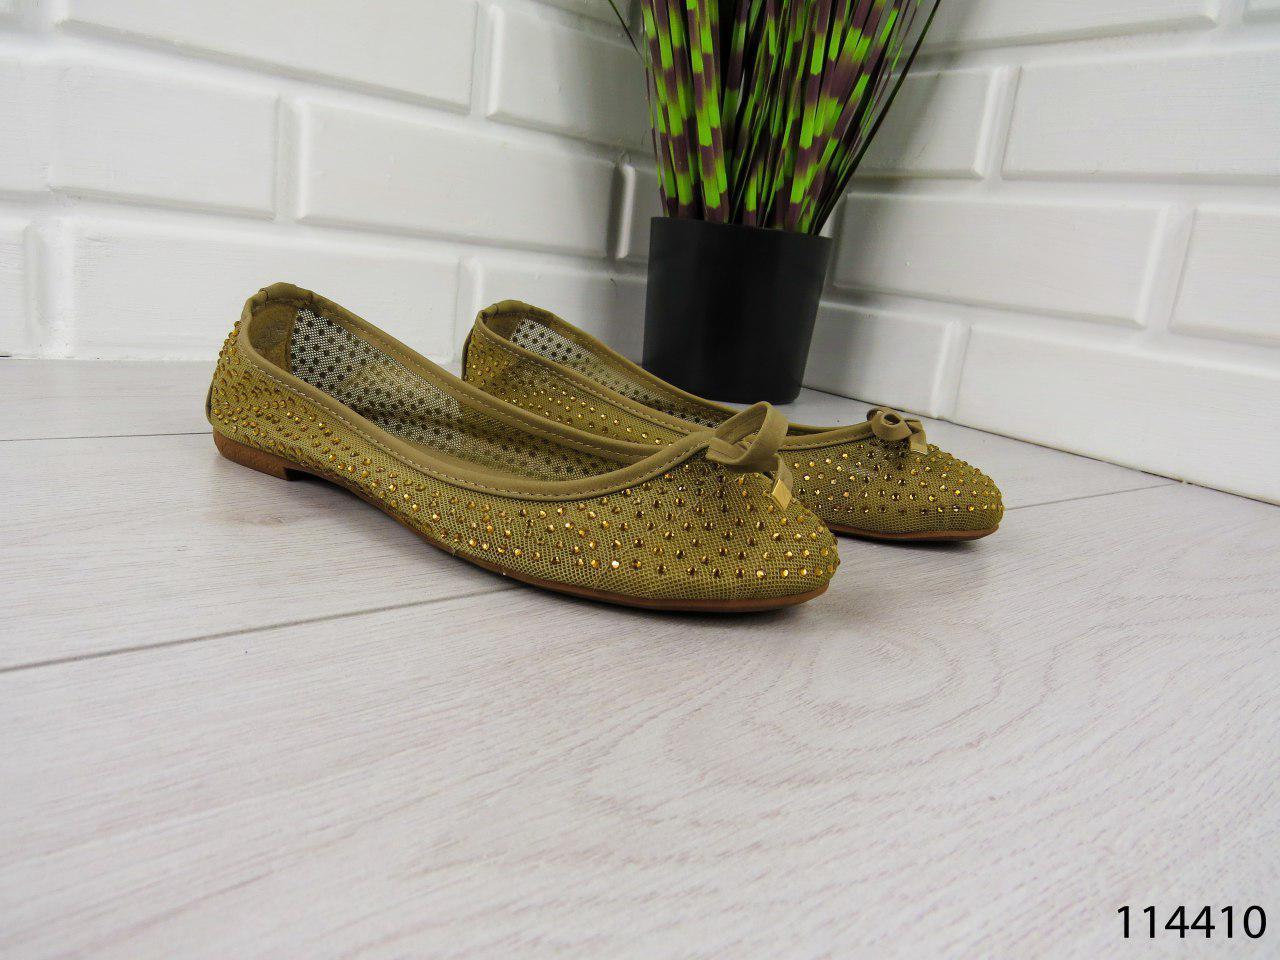 """Балетки, мокасины хаки """"Liger"""" текстильные , легкая, повседневная, удобная женская обувь"""